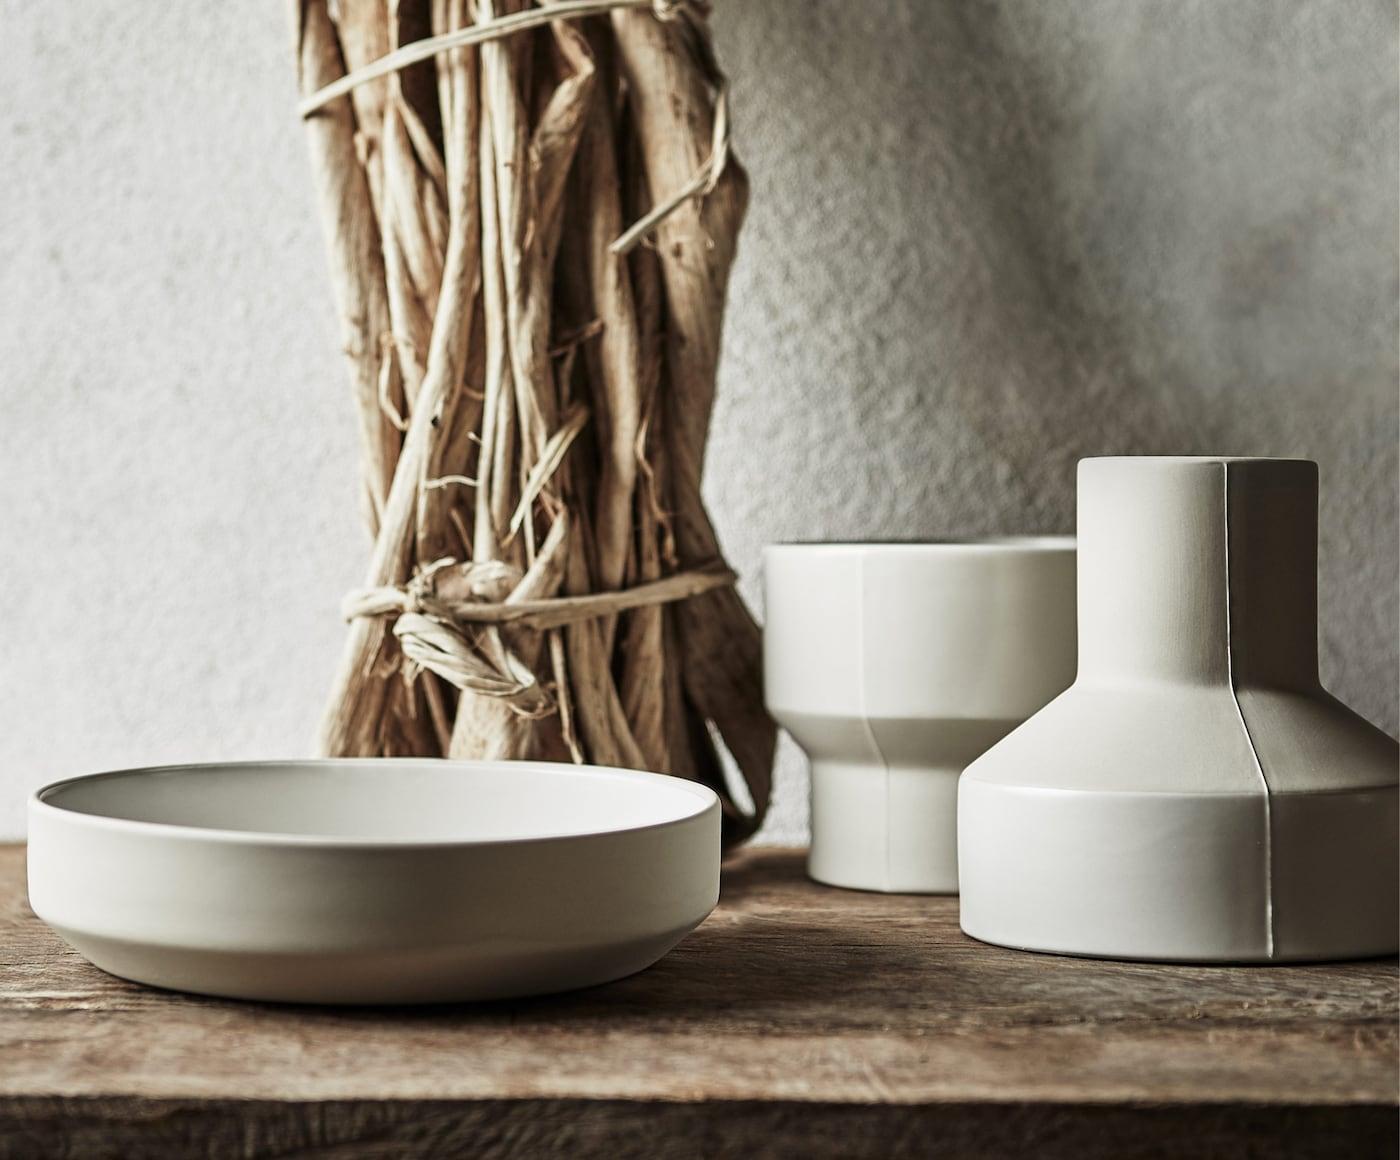 HANTVERK keramikskål, kruka och vas, handgjorda i Thailand, placerade på ett bord.